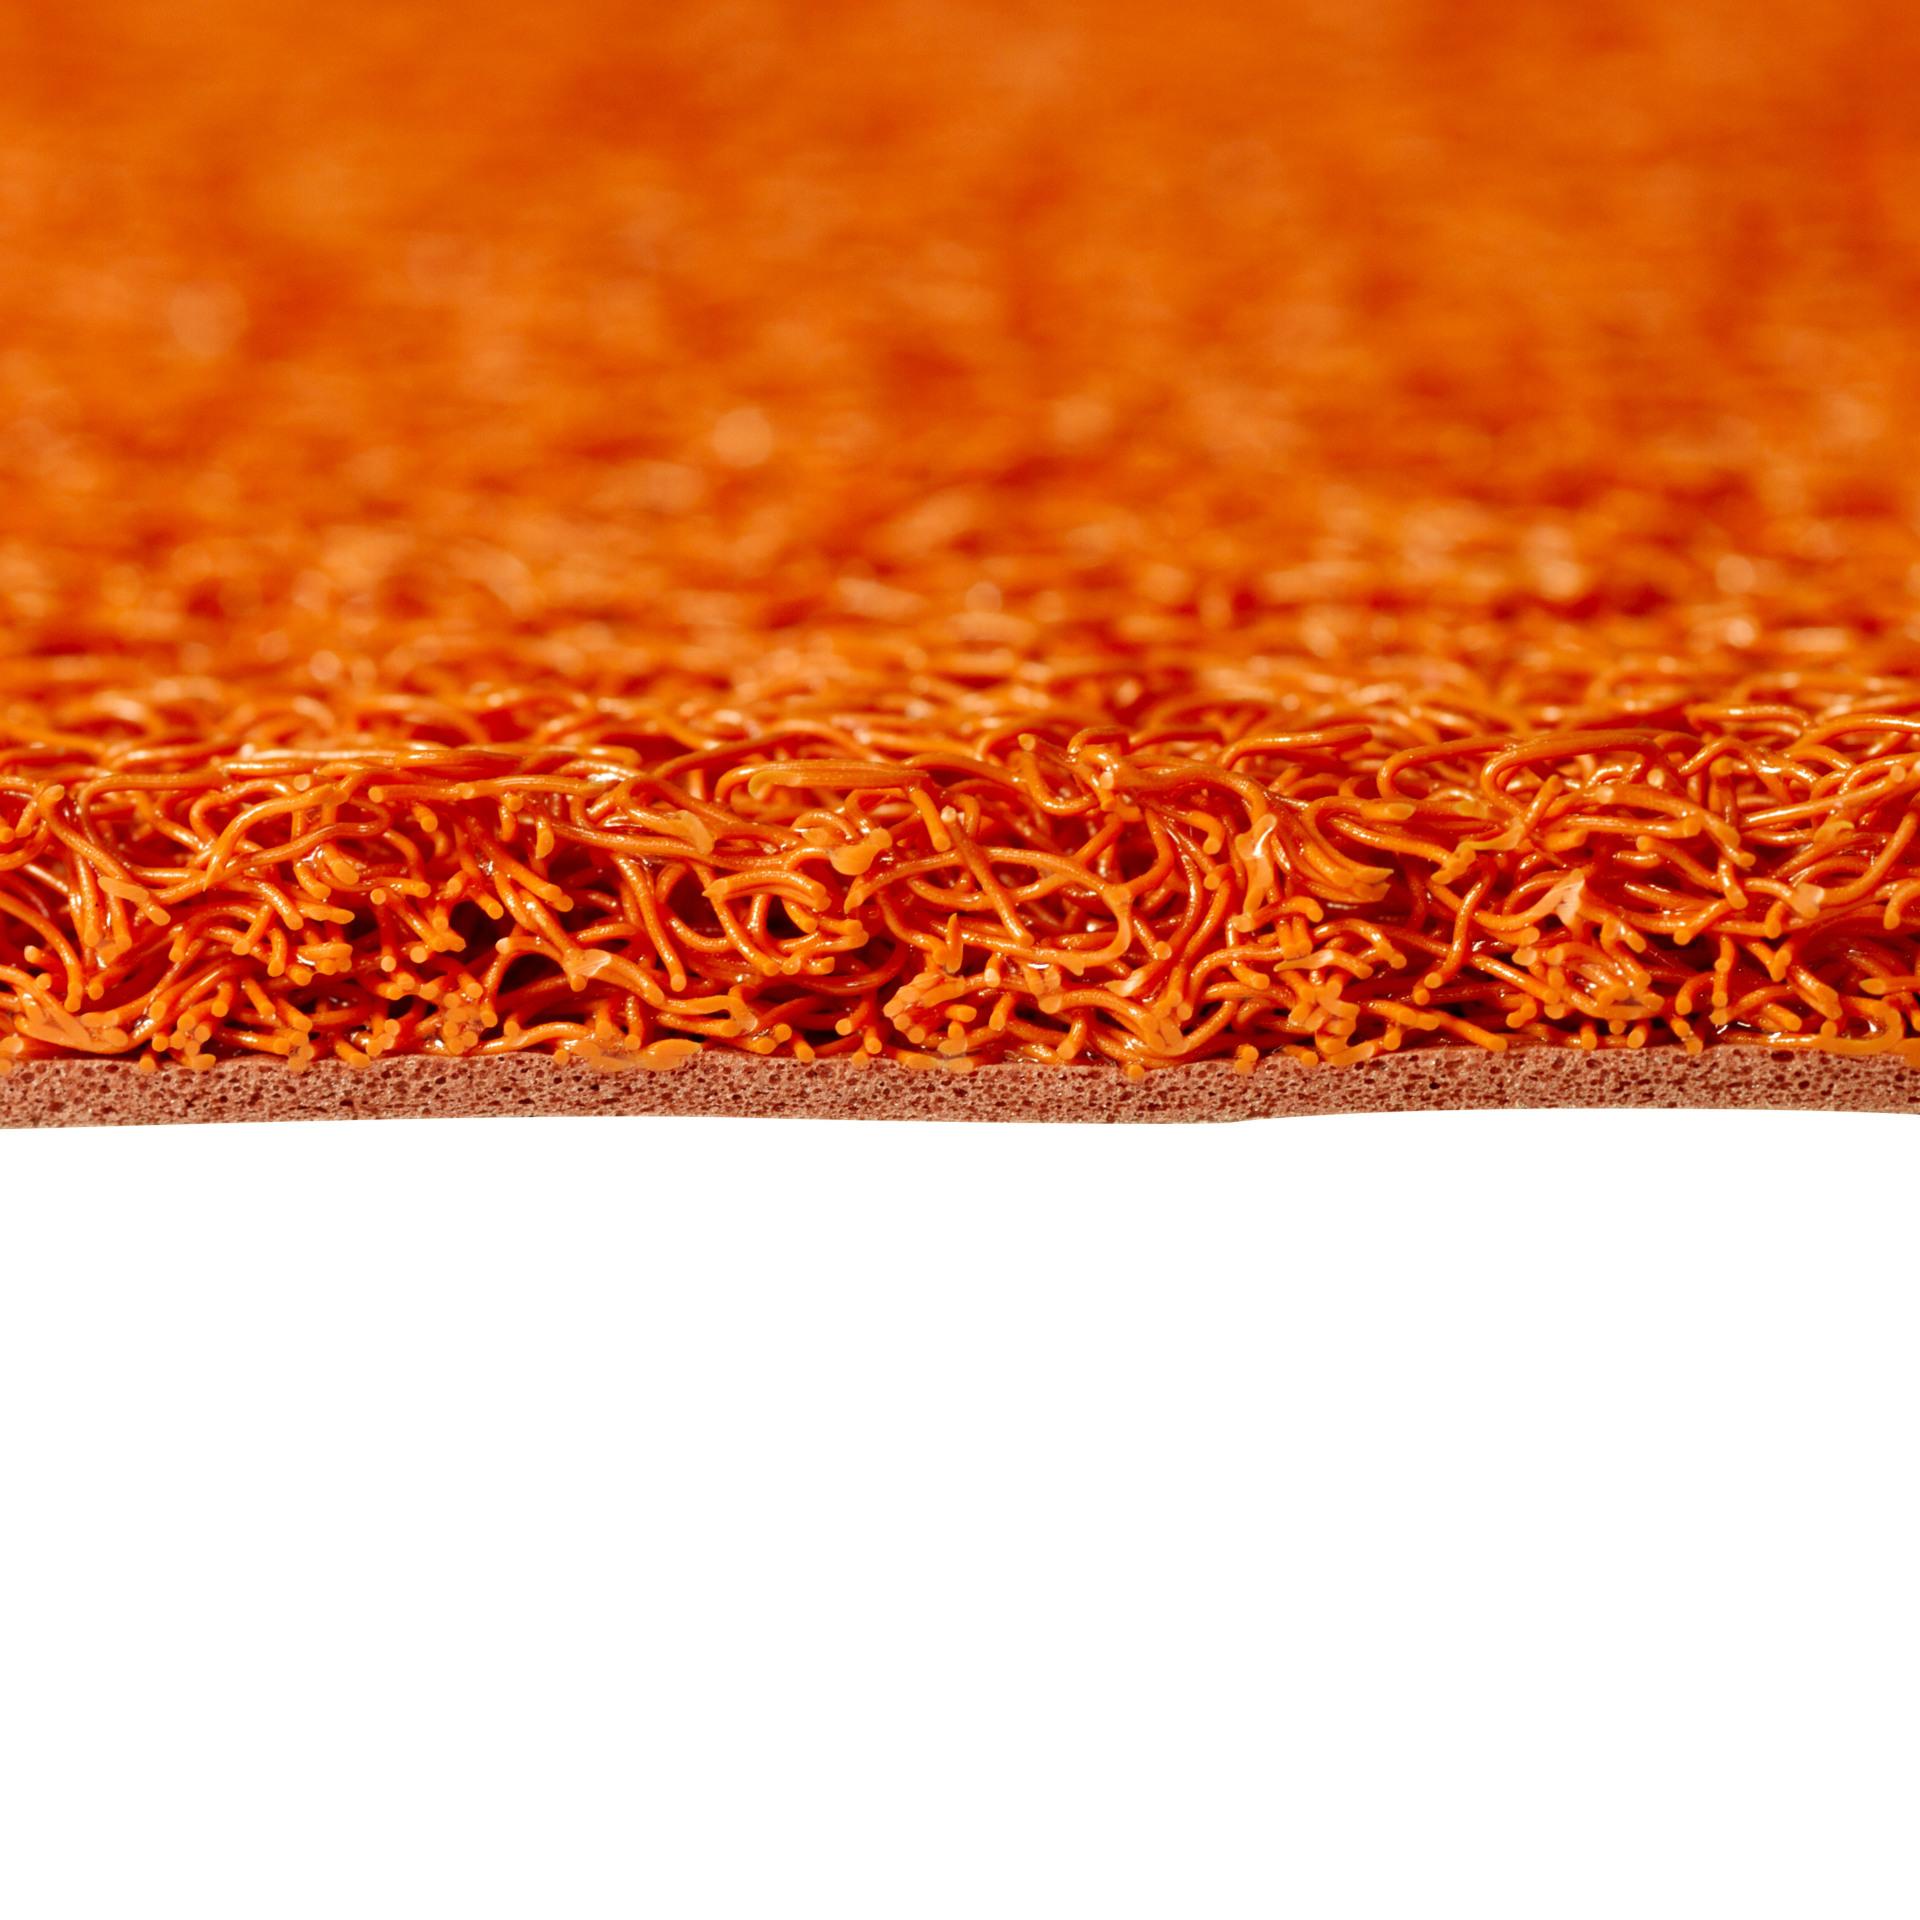 3M 朗美6850有底型地垫红色